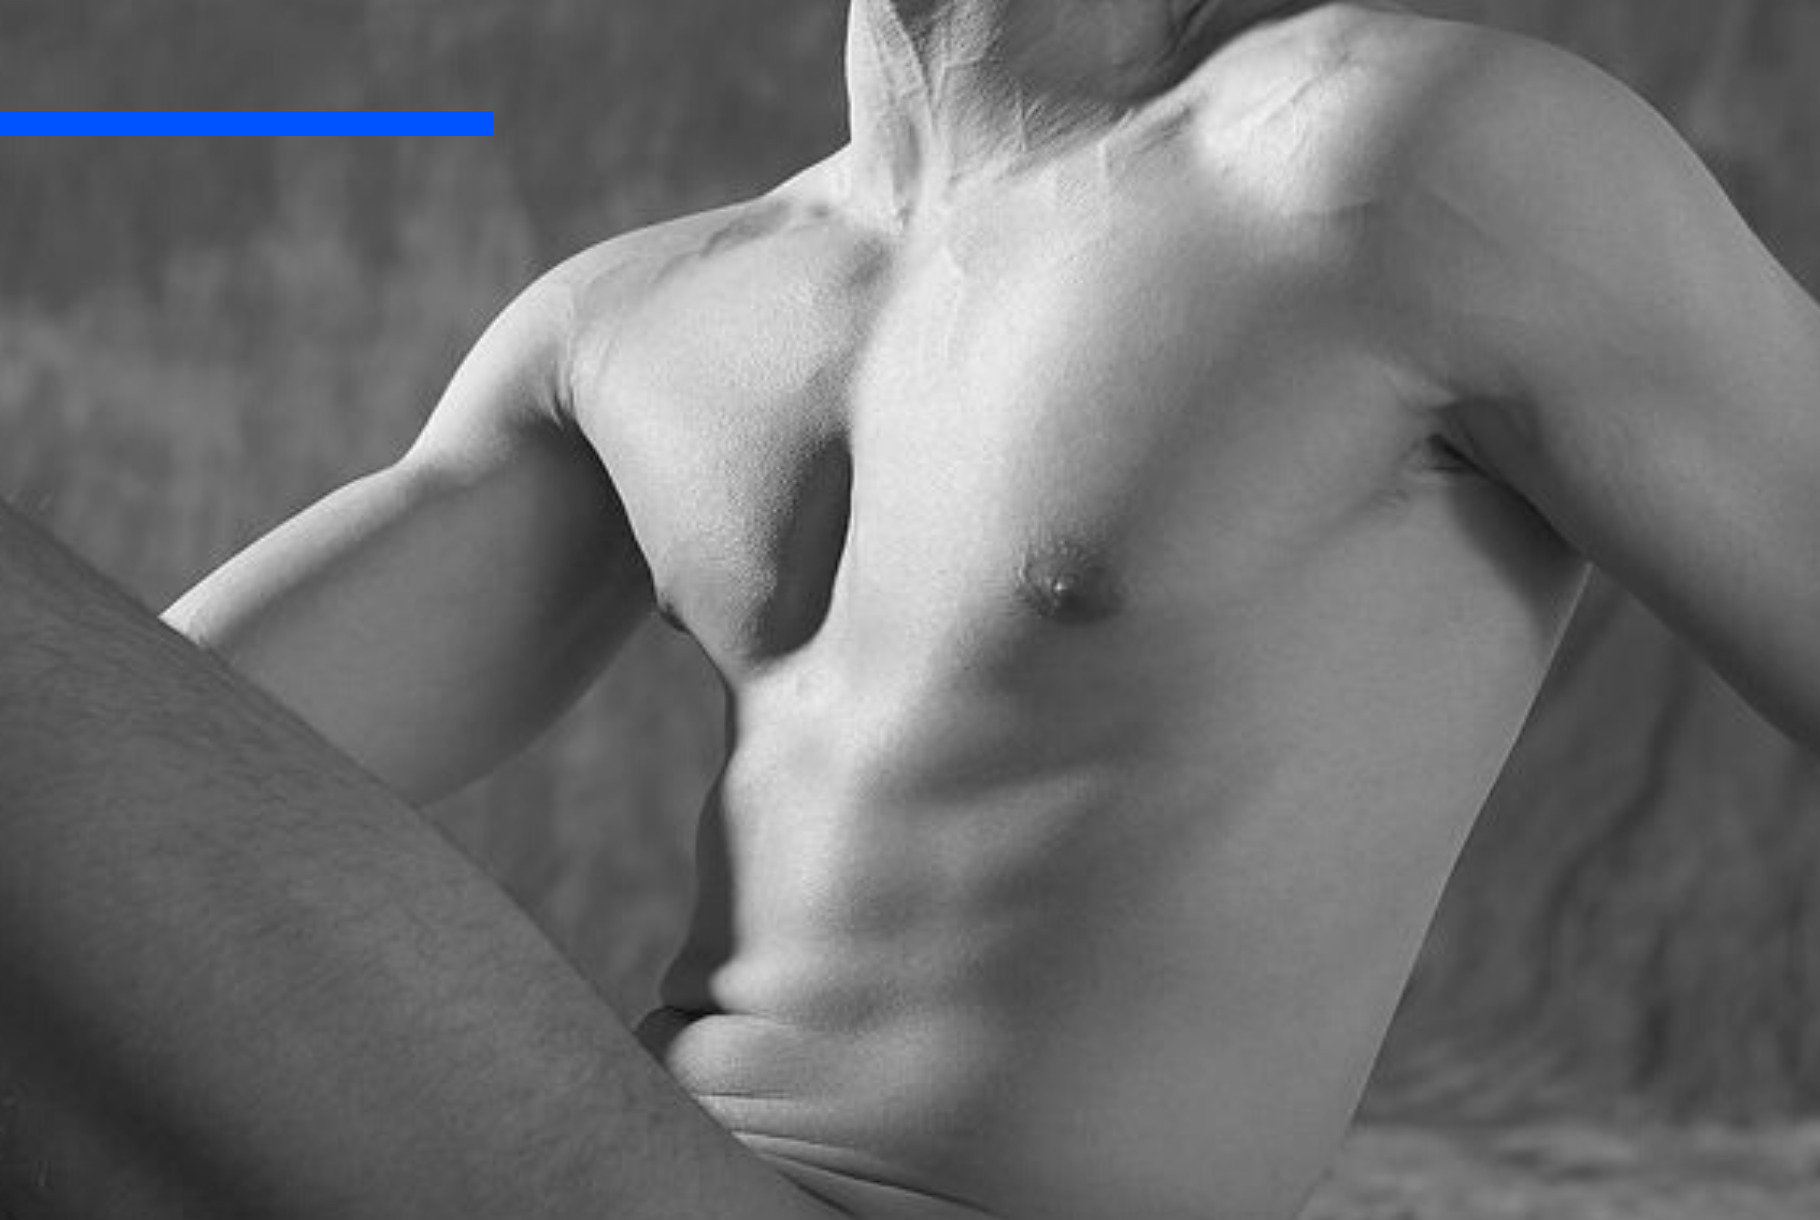 erekcijos susilpnėjimas kaip gydyti ka priklauso nuo vaikinu nario dydis